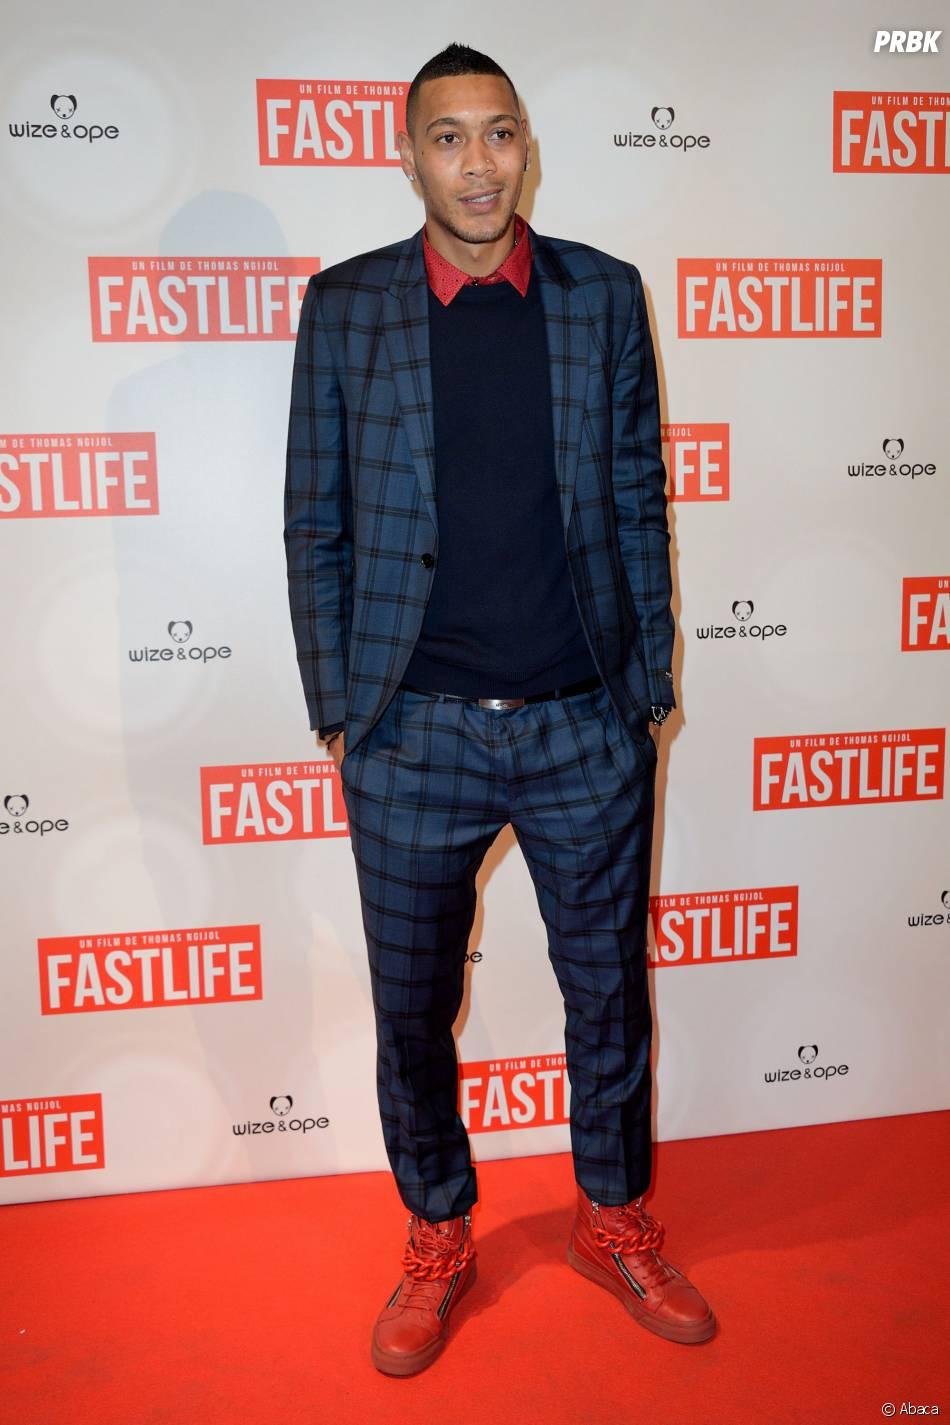 Guillaume Hoarau à l'avant-première du film Fastlife réalisé par Thomas Ngijol, le 15 juillet 2014 à Paris